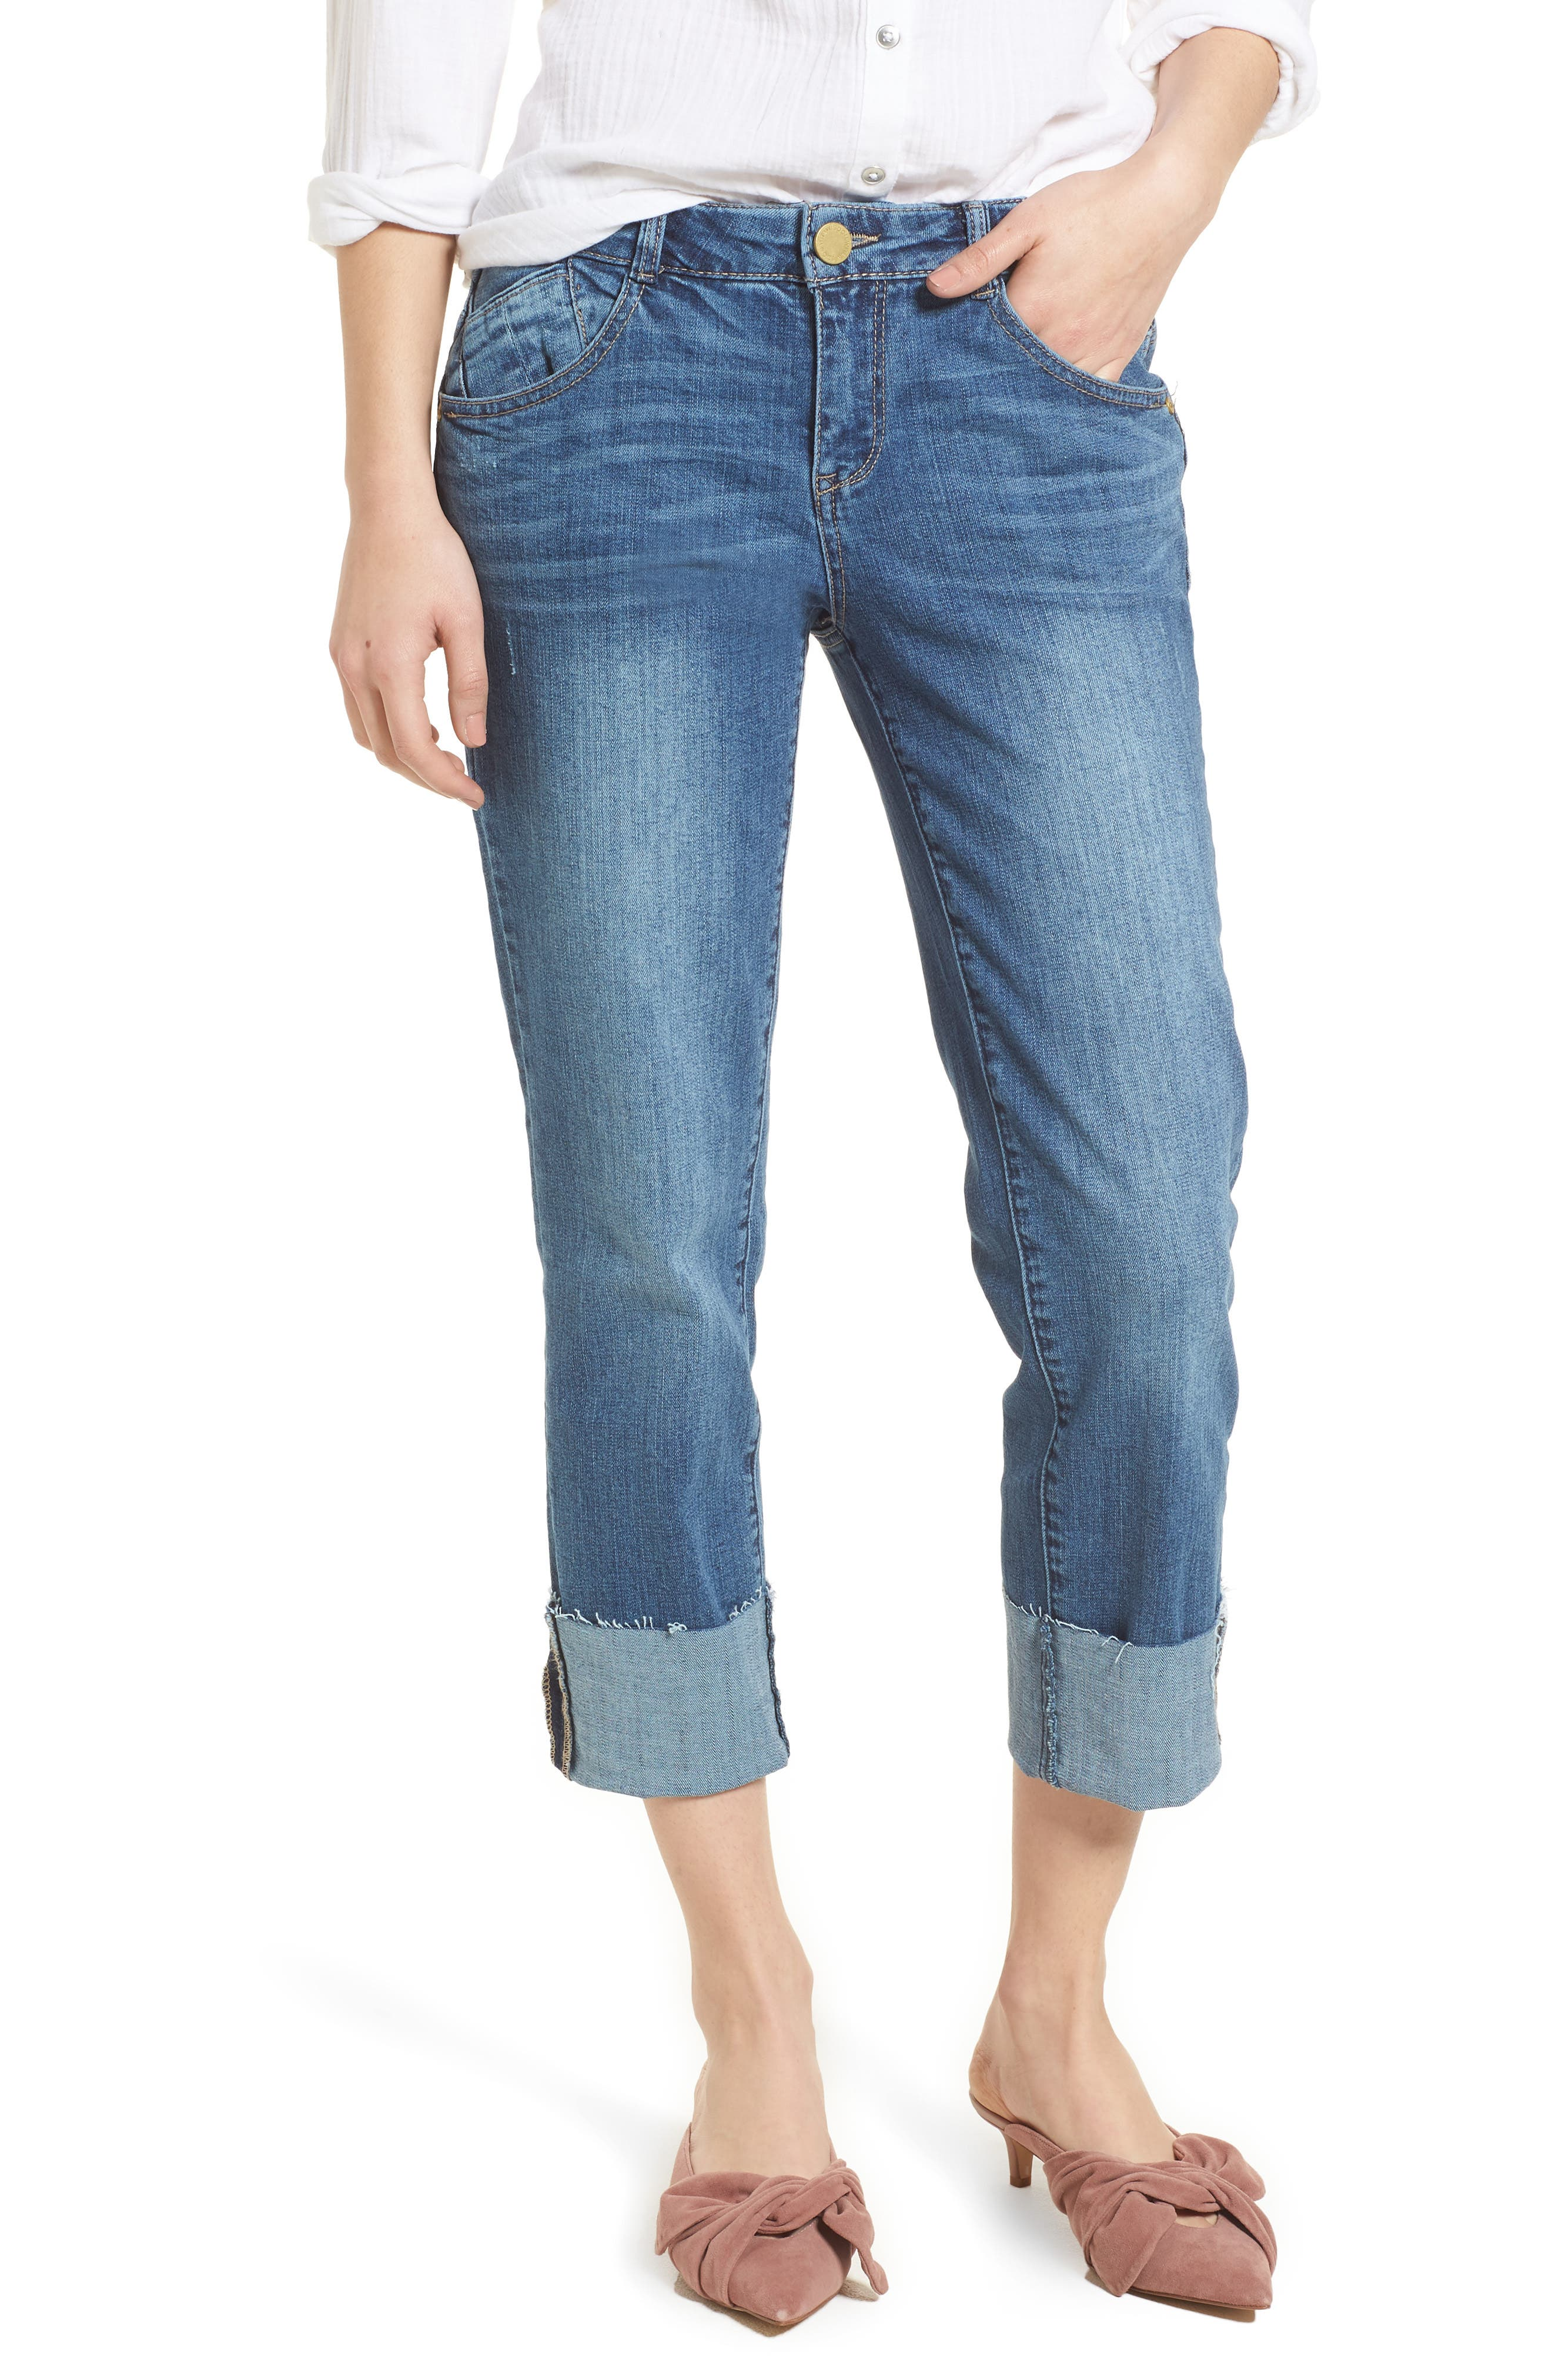 Wit & Wisdom Flex-ellent Cuffed Boyfriend Jeans (Nordstrom Exclusive)